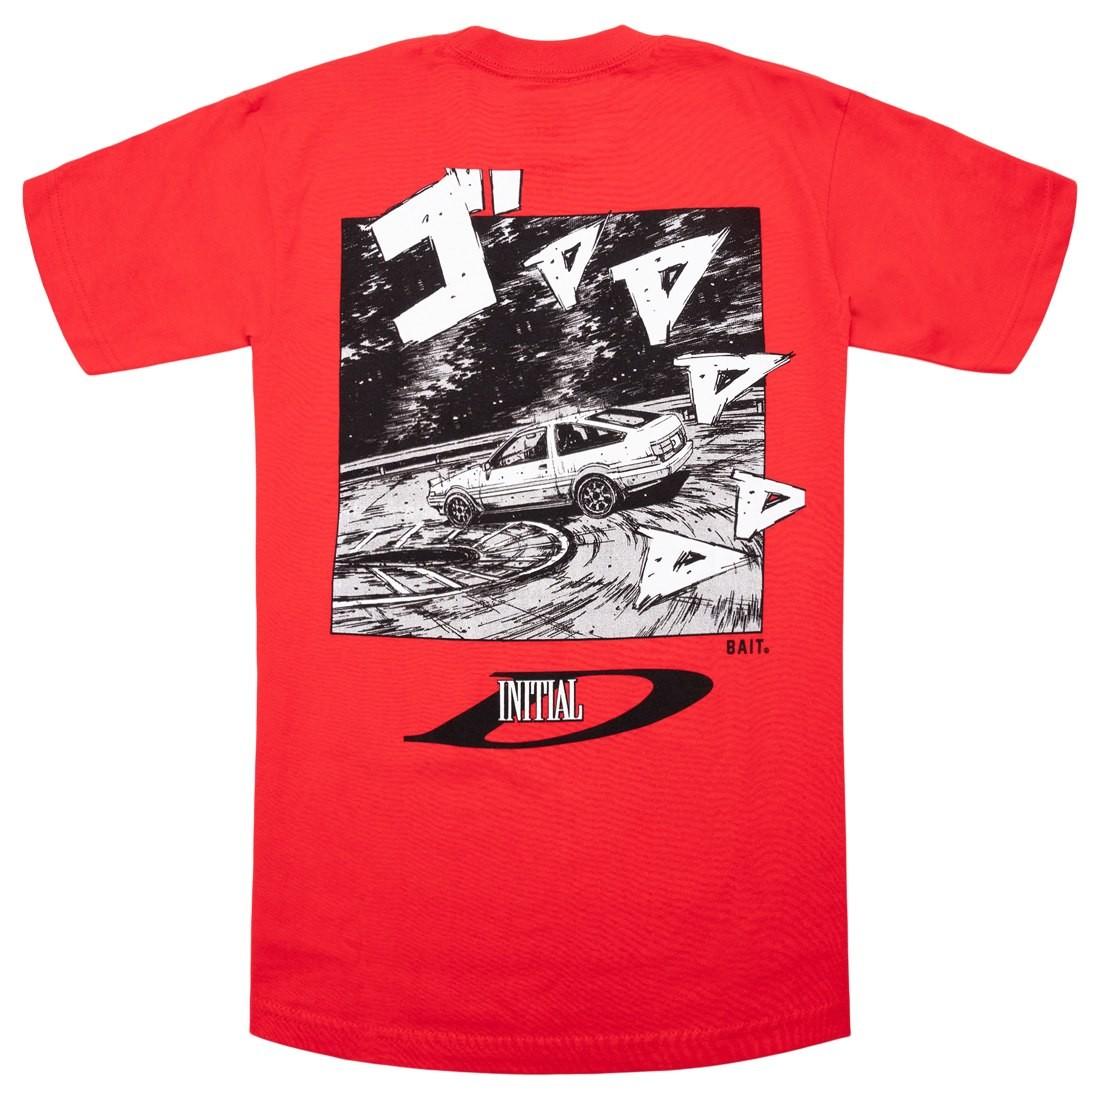 BAIT x Initial D Men Drift Design Tee (red)